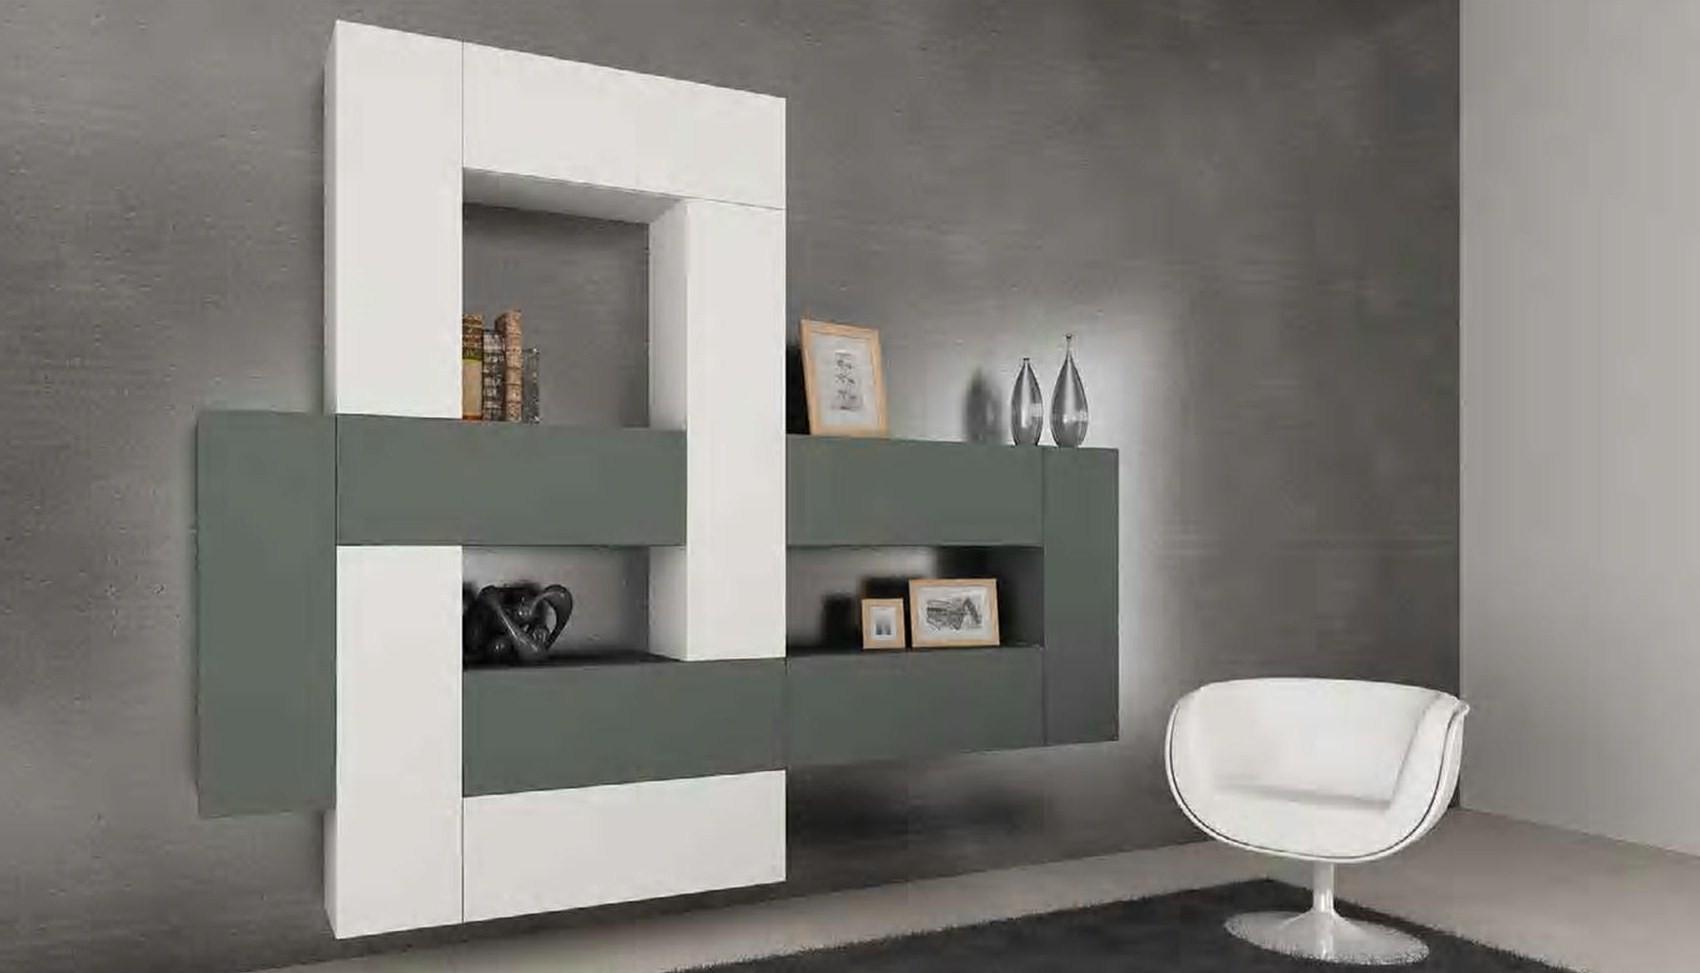 Bagno Turchese E Grigio: Colore beige tendenze casa. Piastrelle ...